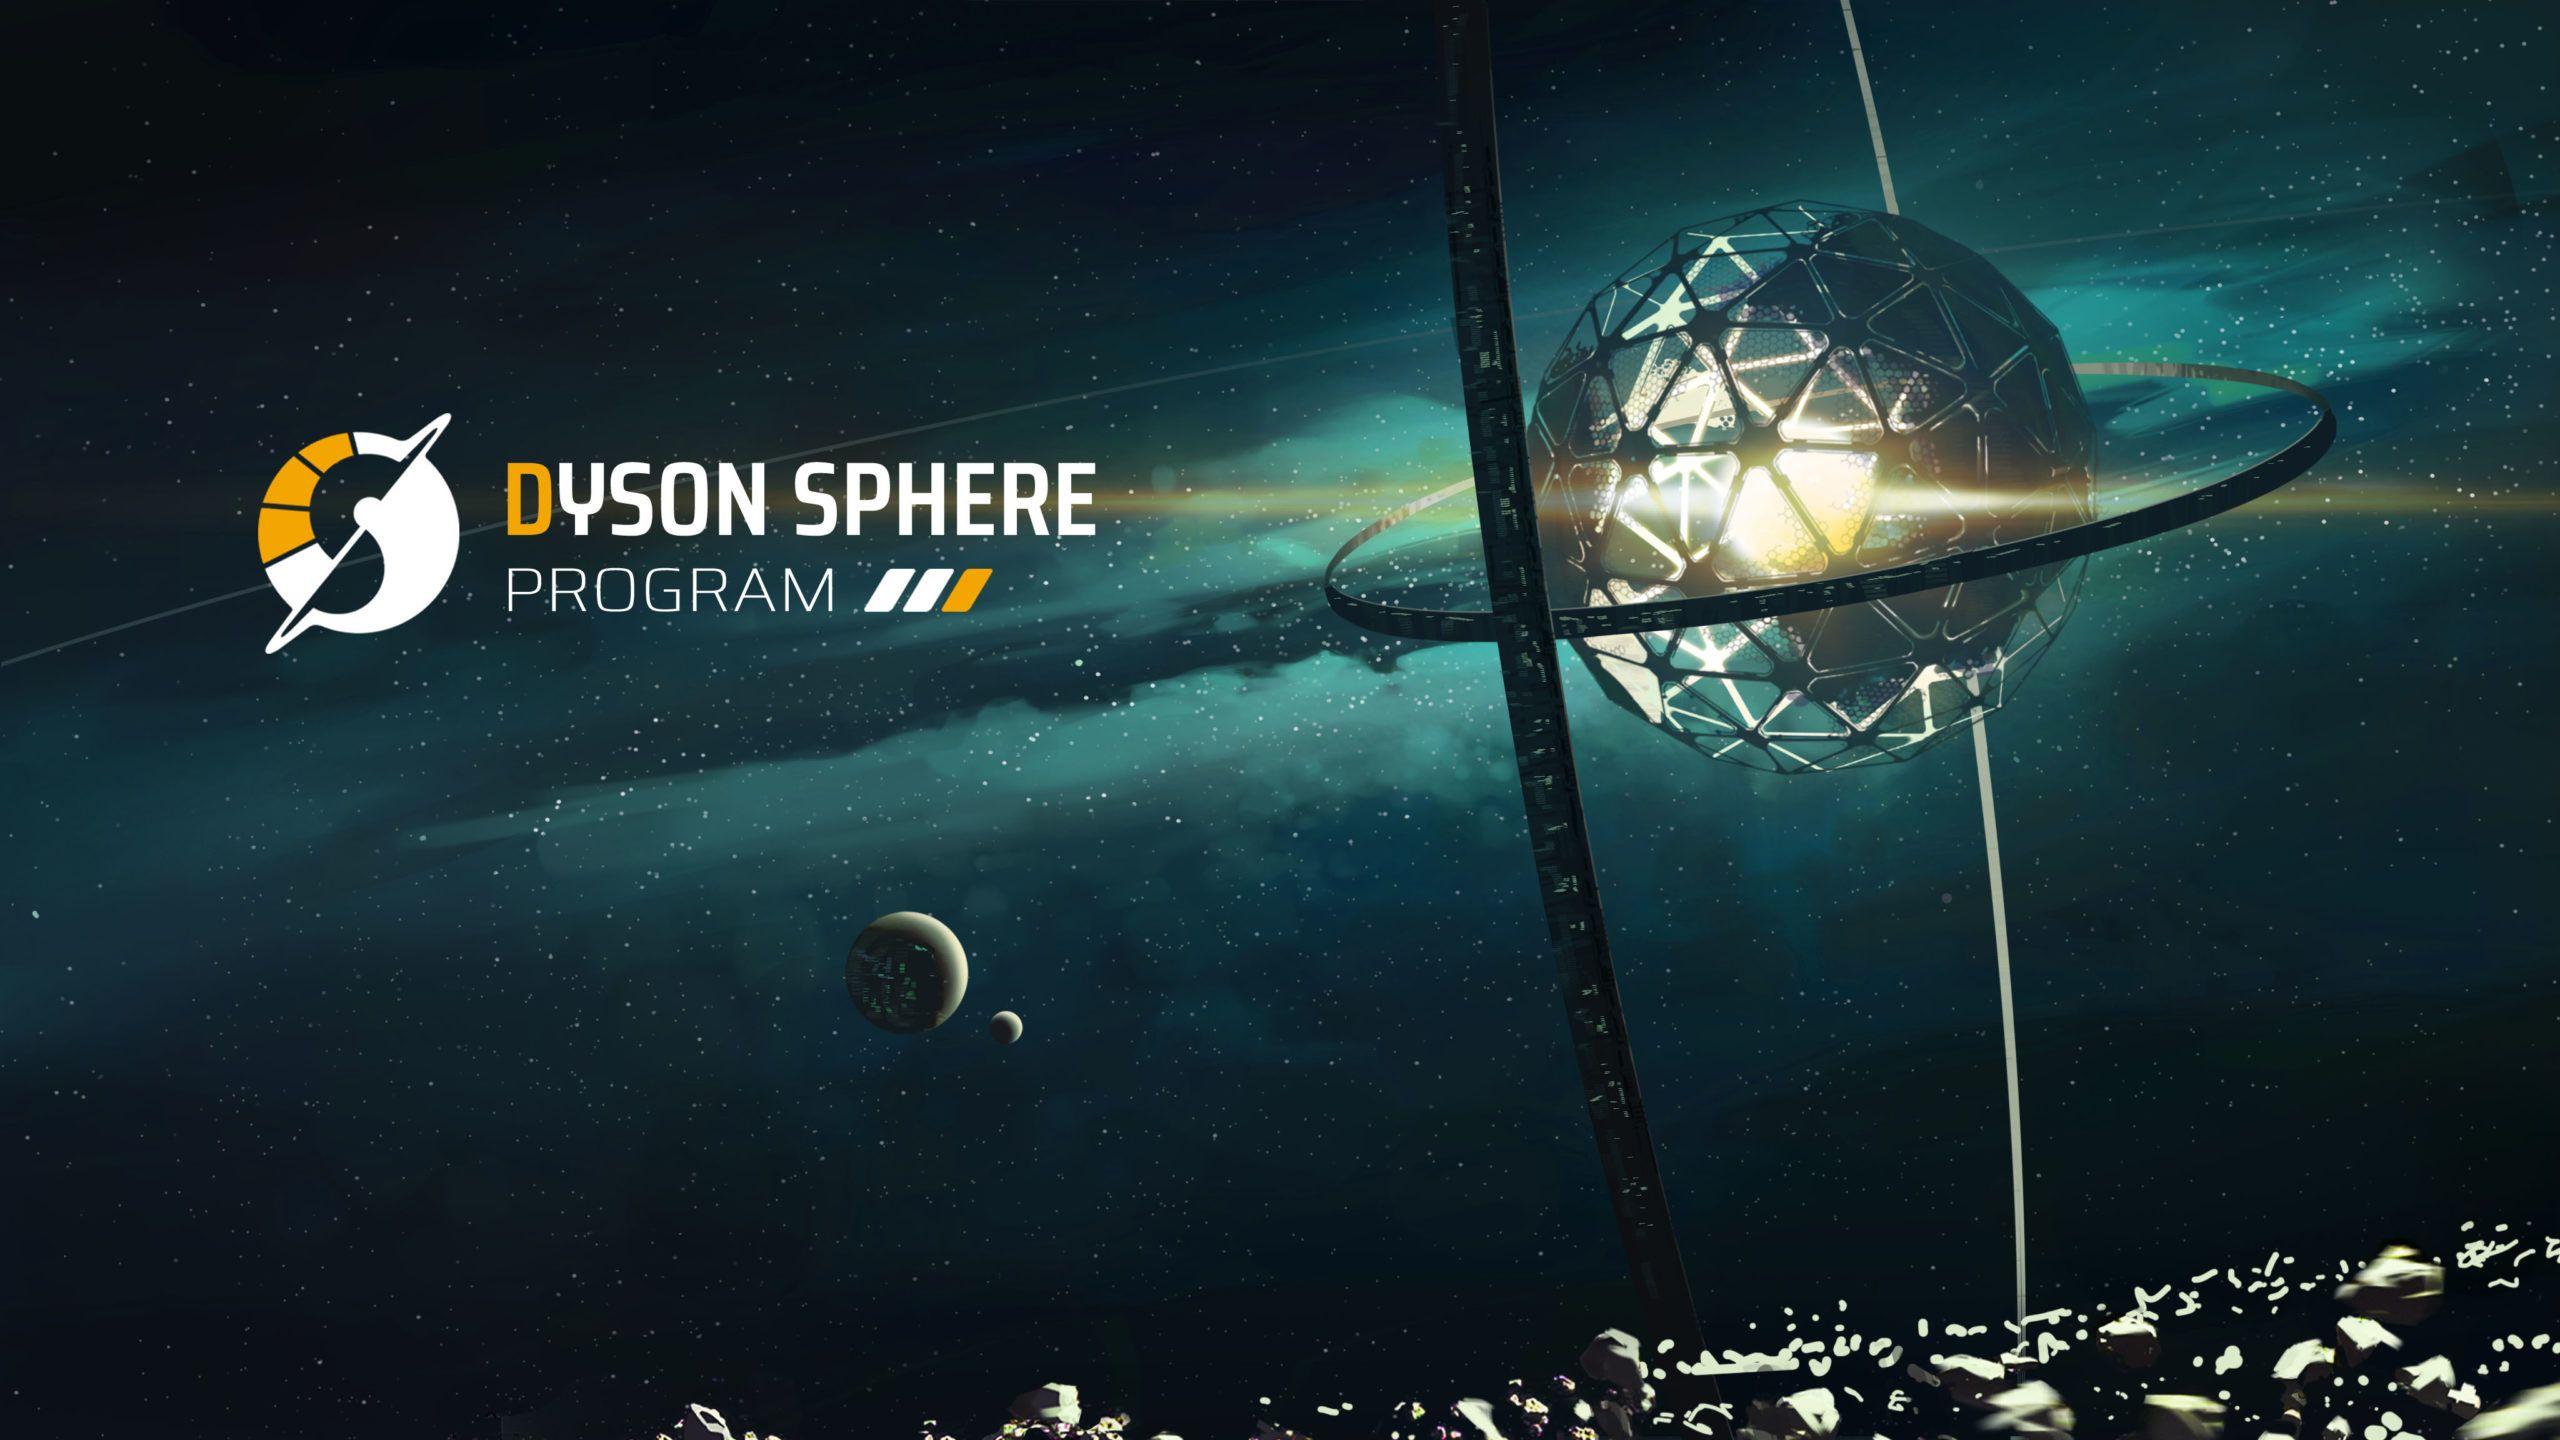 Con Dyson Sphere Program puedes explorar el universo